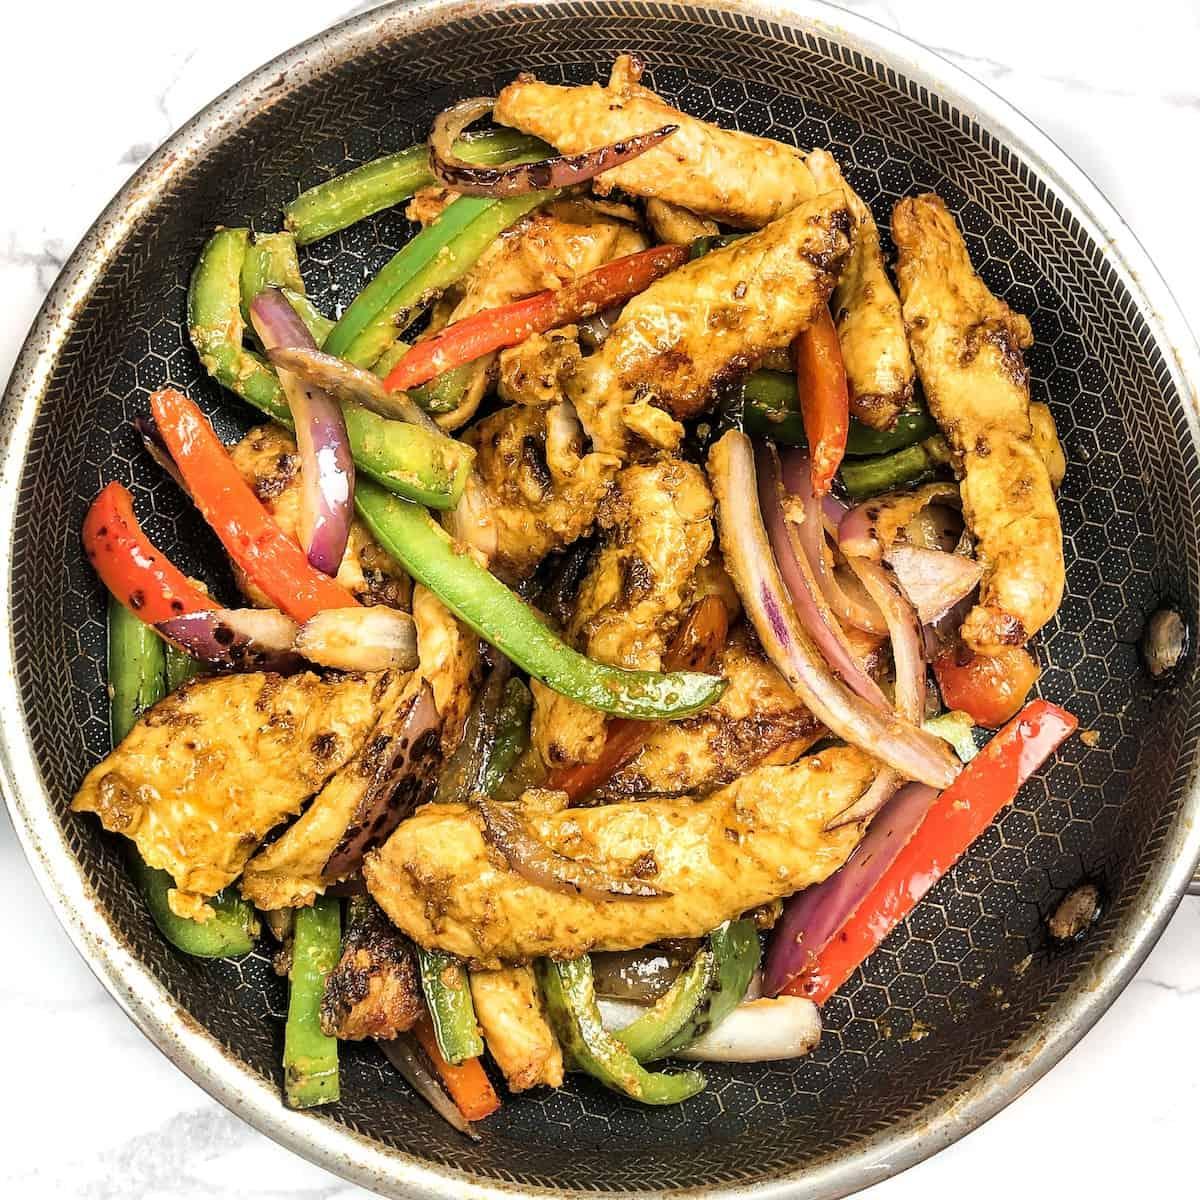 hexclad pan with boneless tandoori chicken